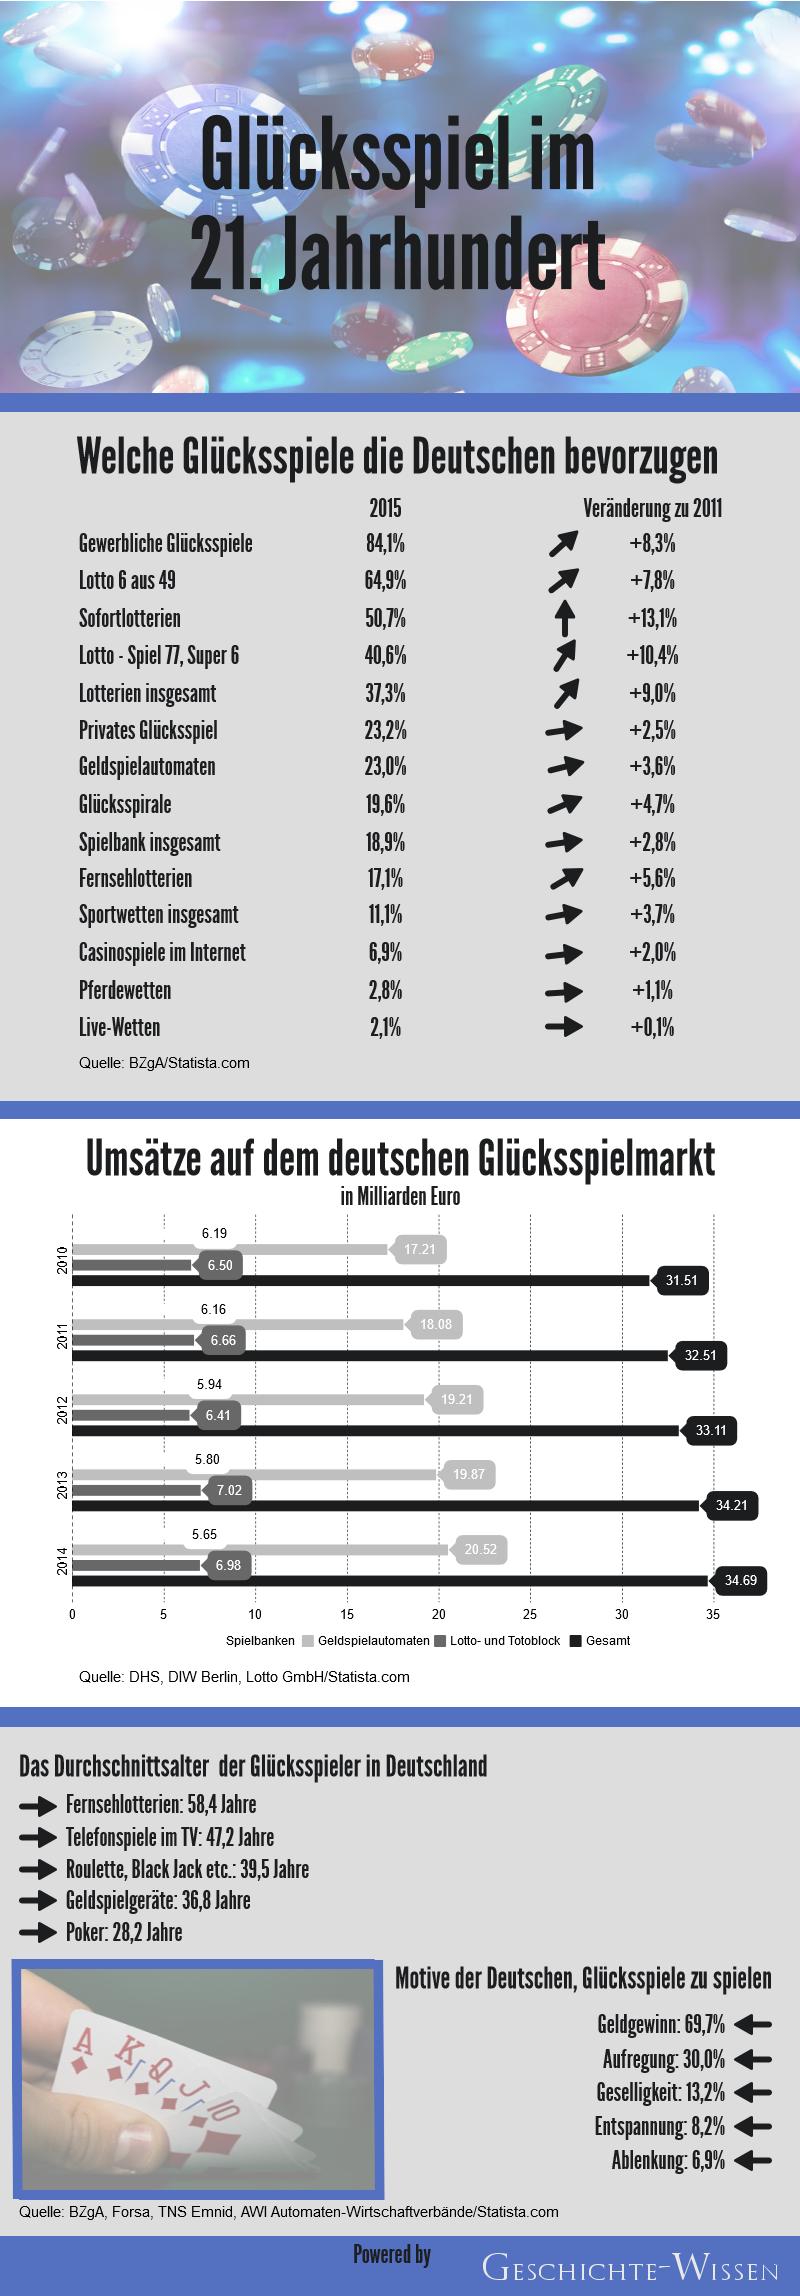 Bevorzugte Glückspiele, Umsätze auf dem deutschen Markt, Durchschnittsalter, Motive